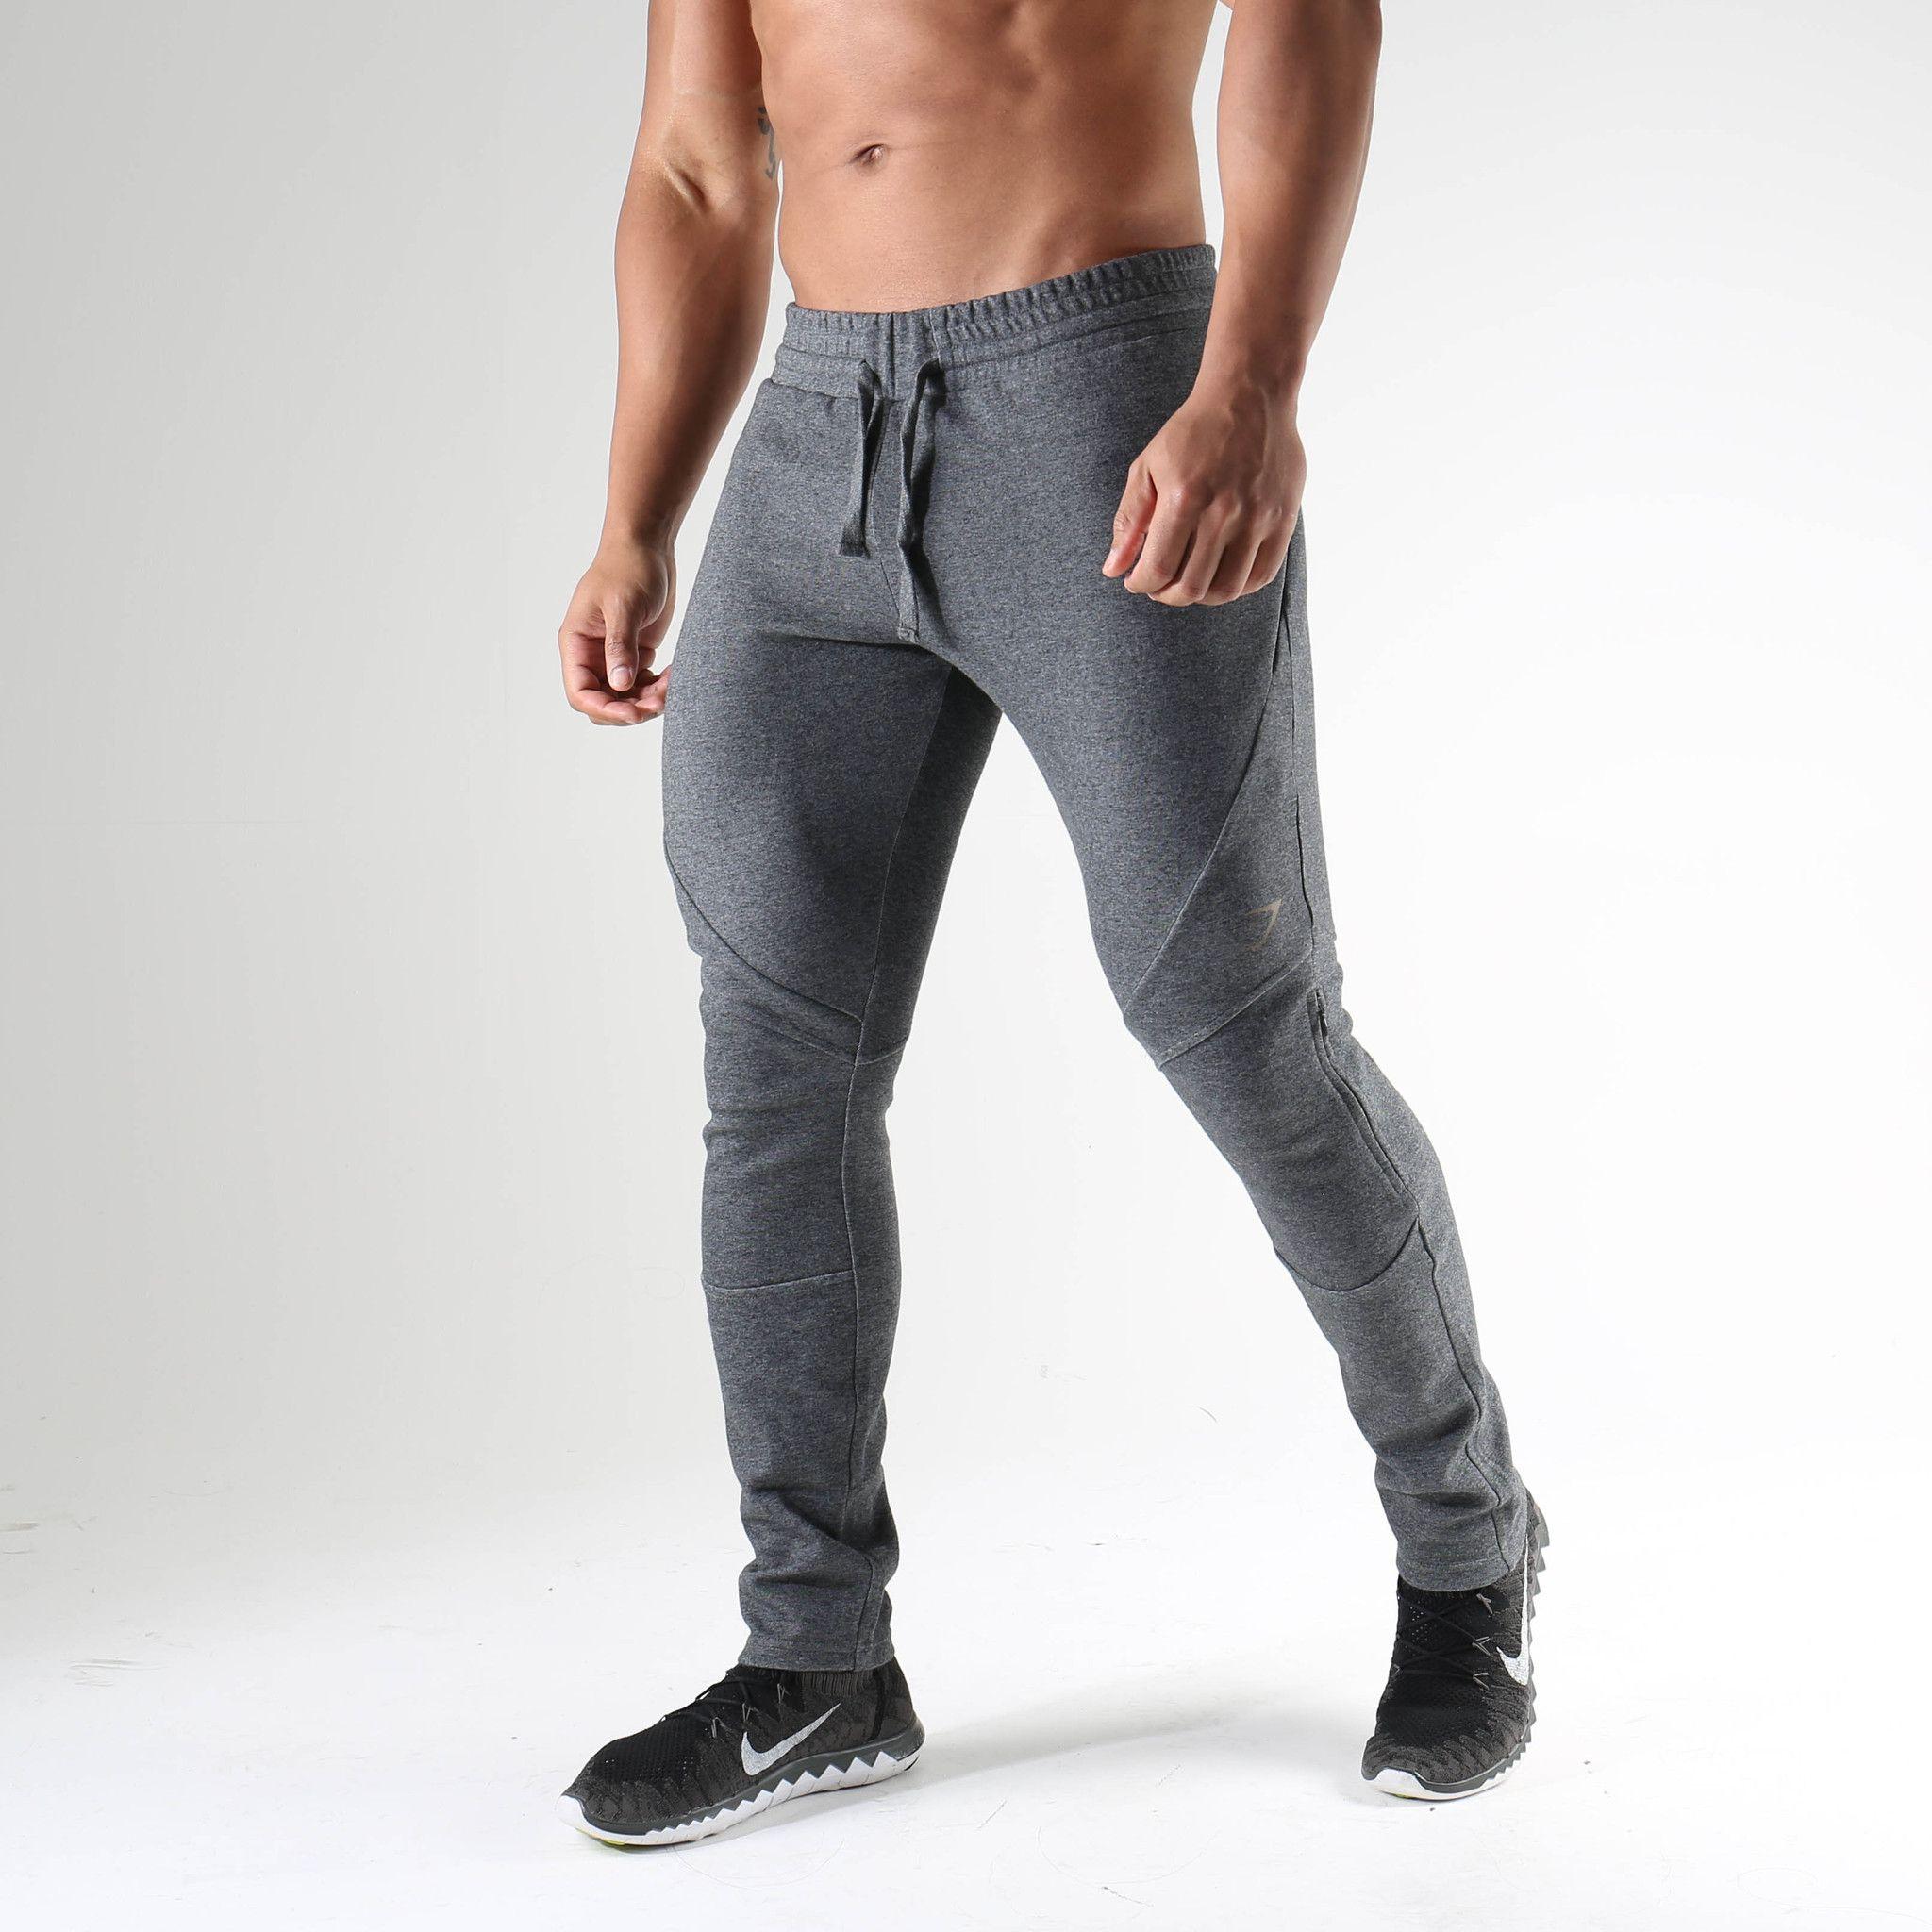 dcd4727a1 Hombre Activo Algodón Delgado Pantalones de Deporte Pantalones - Un Color |  Style | Slim sweatpants, Cotton harem pants, Sweatpants